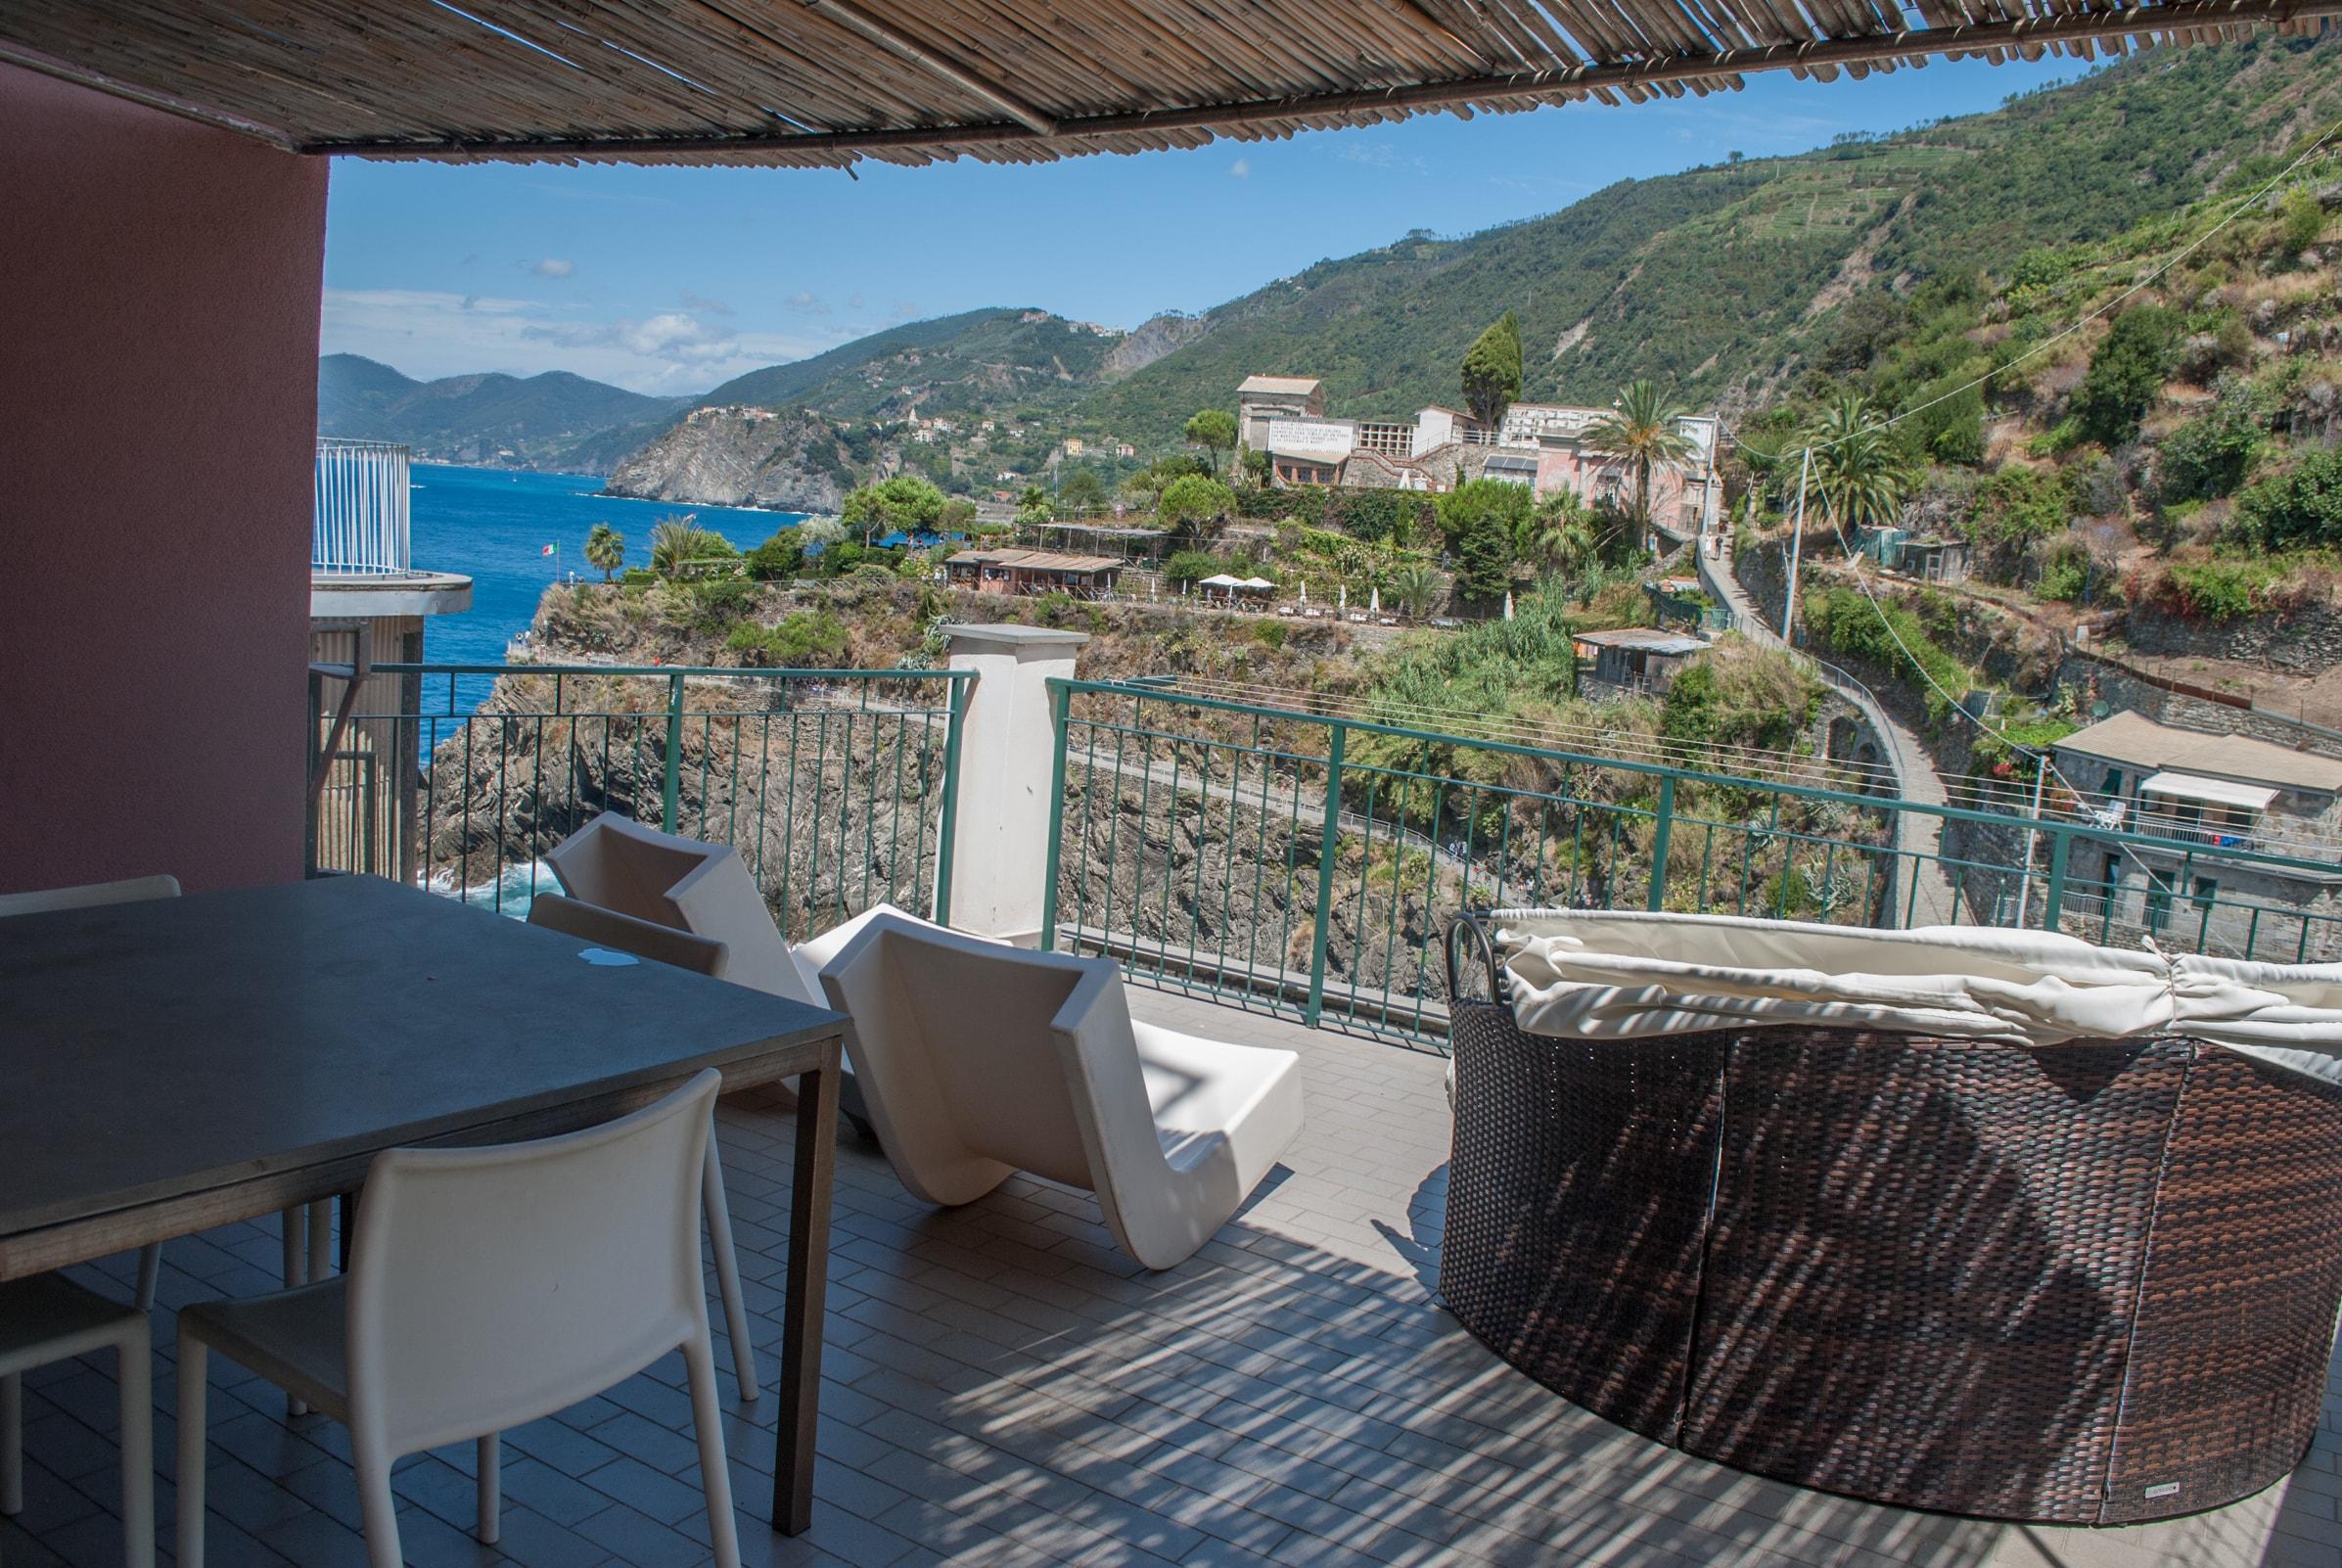 Soggiorno Venere Firenze Booking | Sun & Sea Apartment In ...